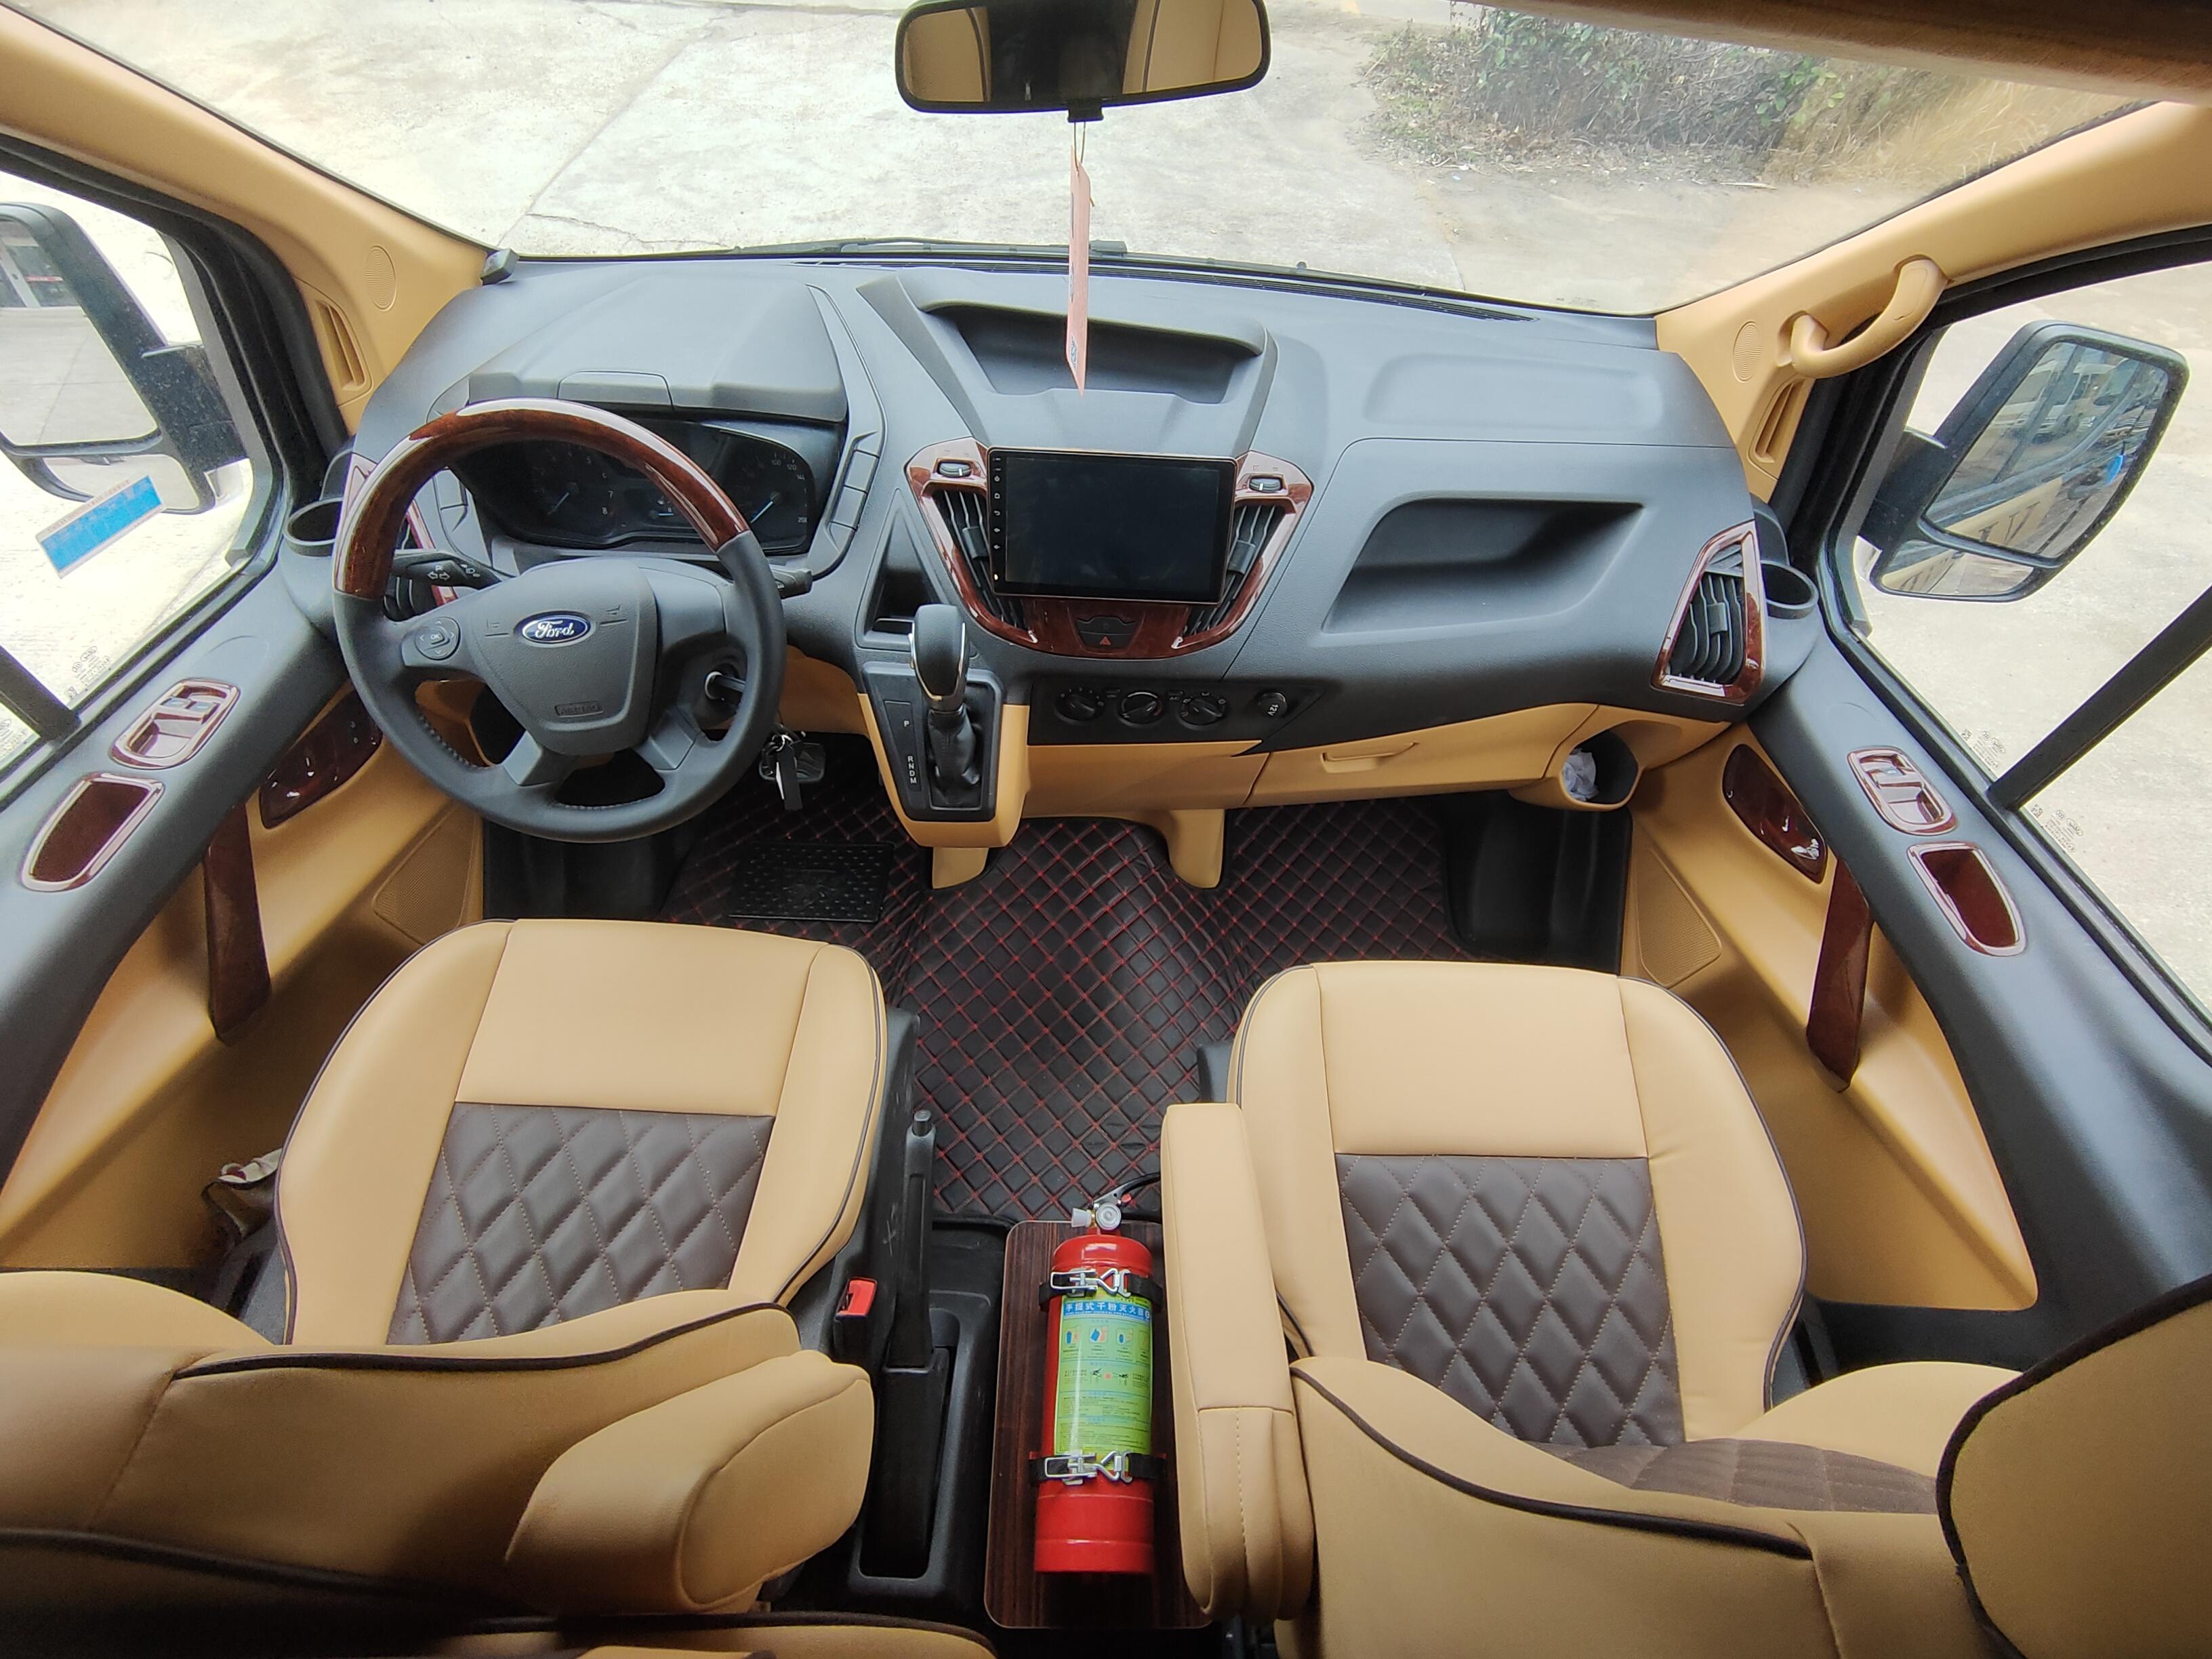 一款房车两种用途,小体积爆发大能量,趣蜂福特新全顺自动挡房车